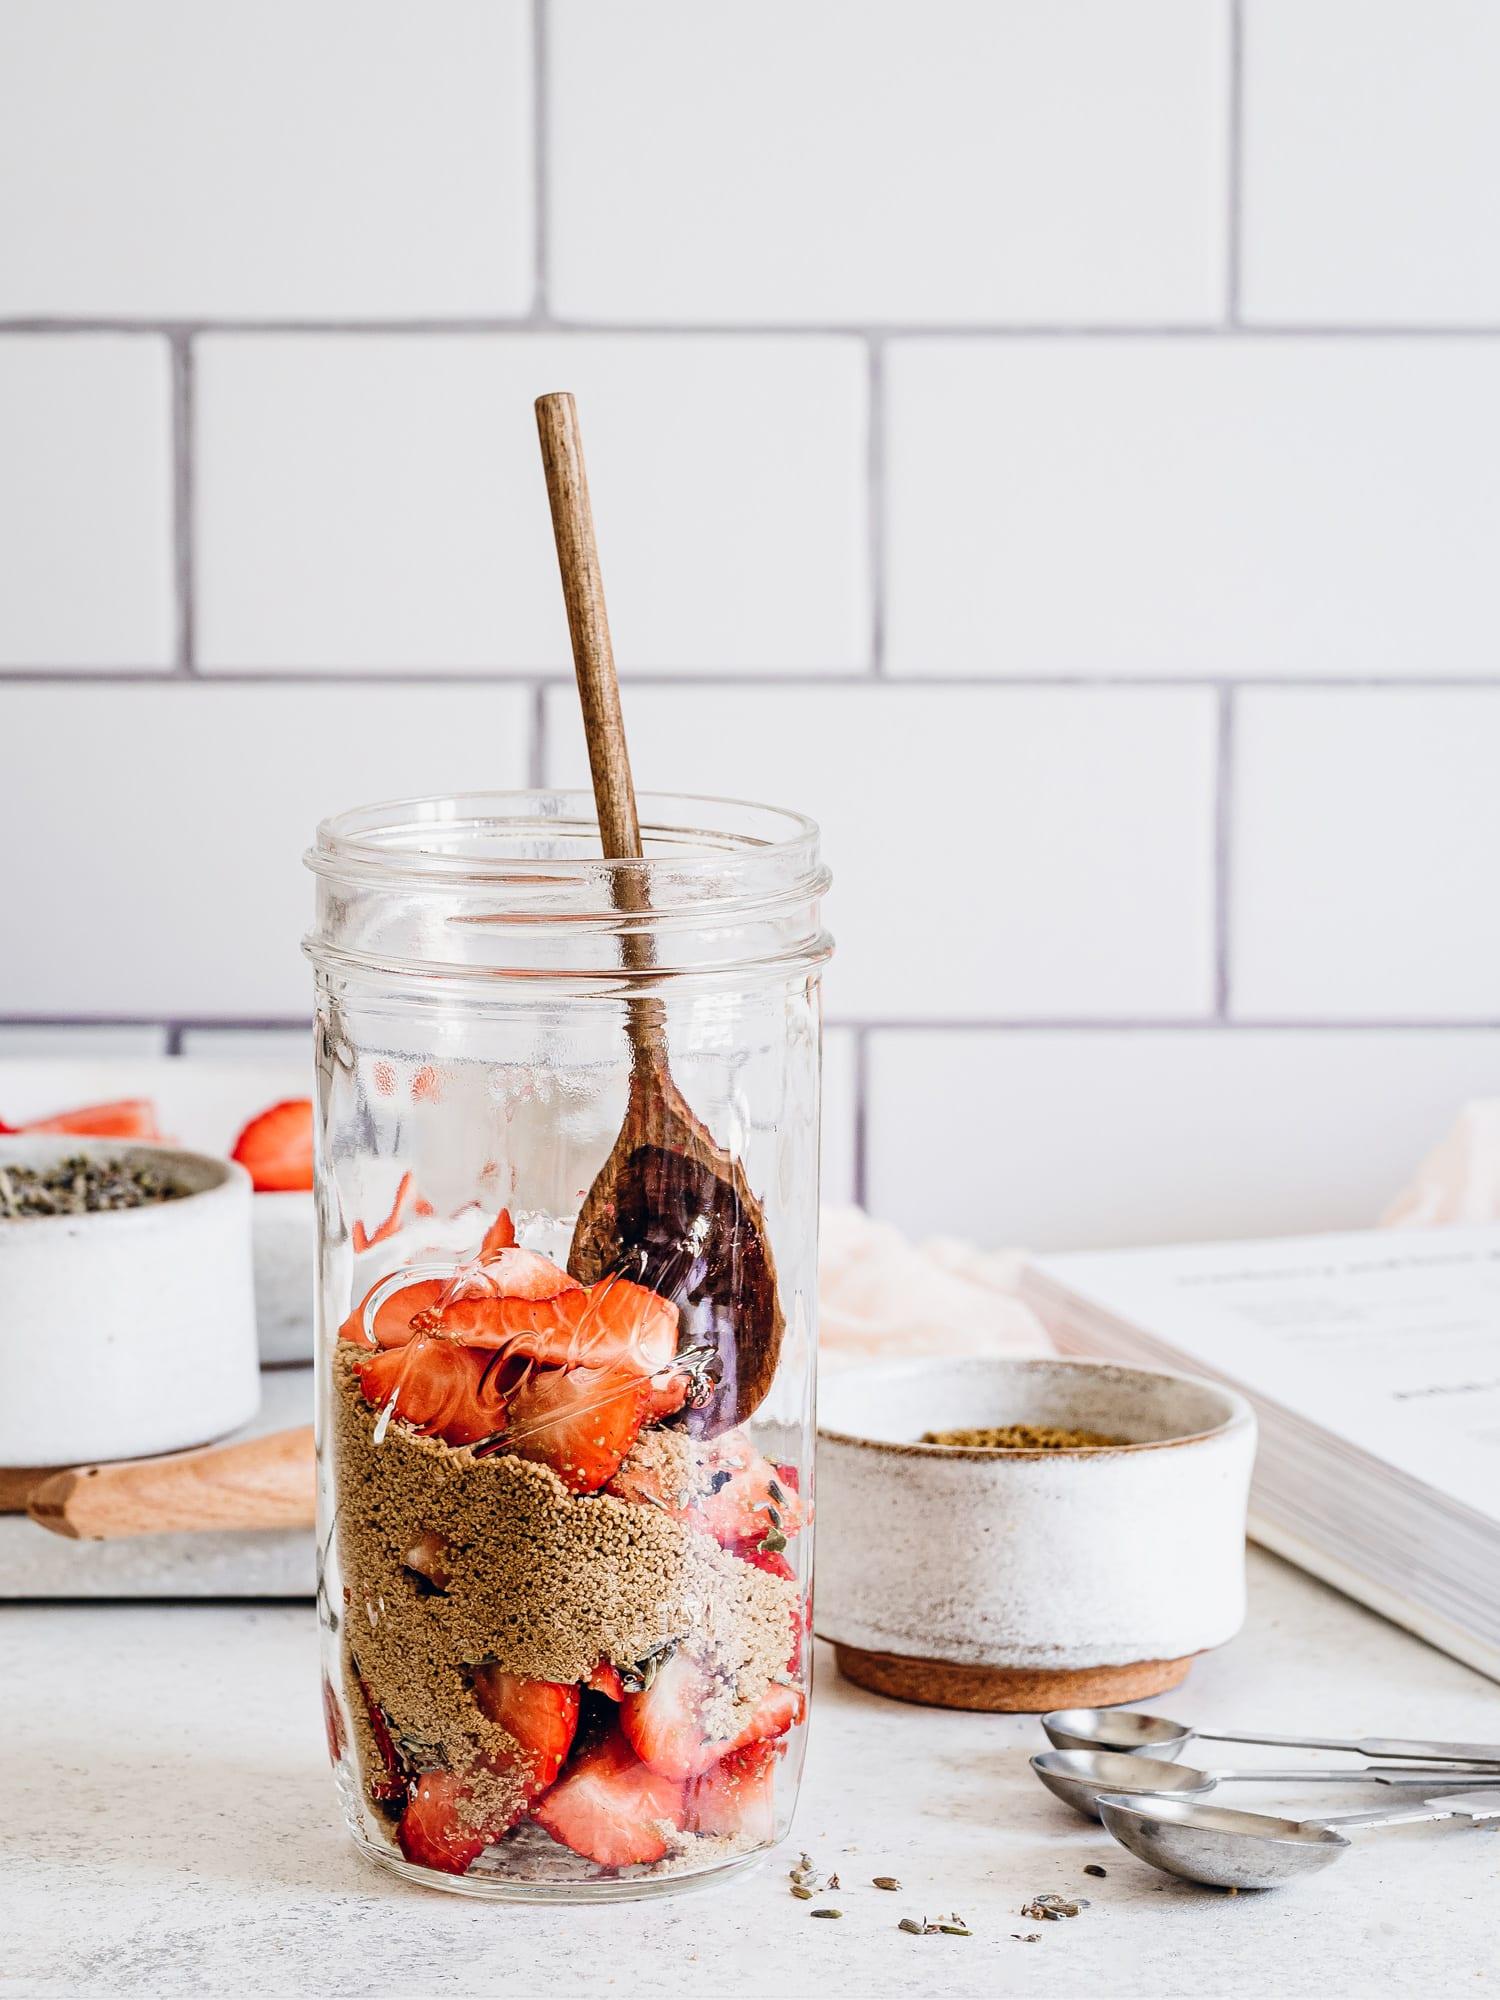 Brauner Zucker, Lavendelblüten und Erdbeeren im Glas